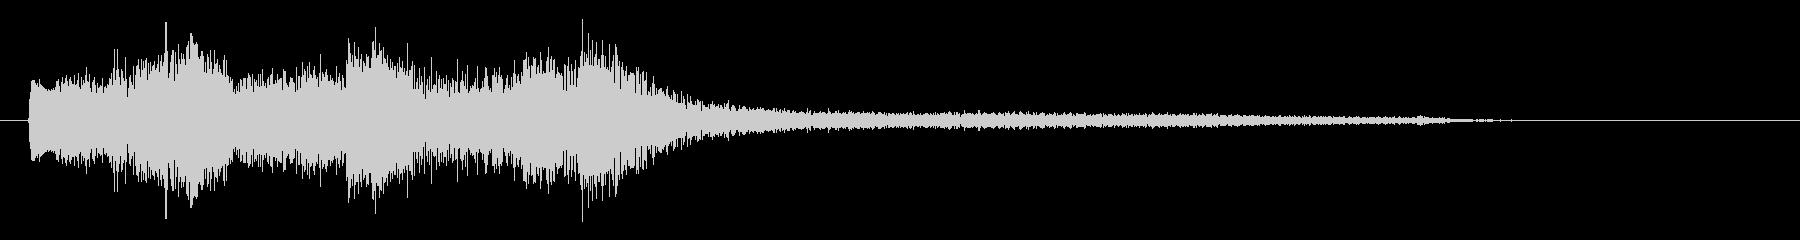 モダンで高級感のあるピアノジングル の未再生の波形